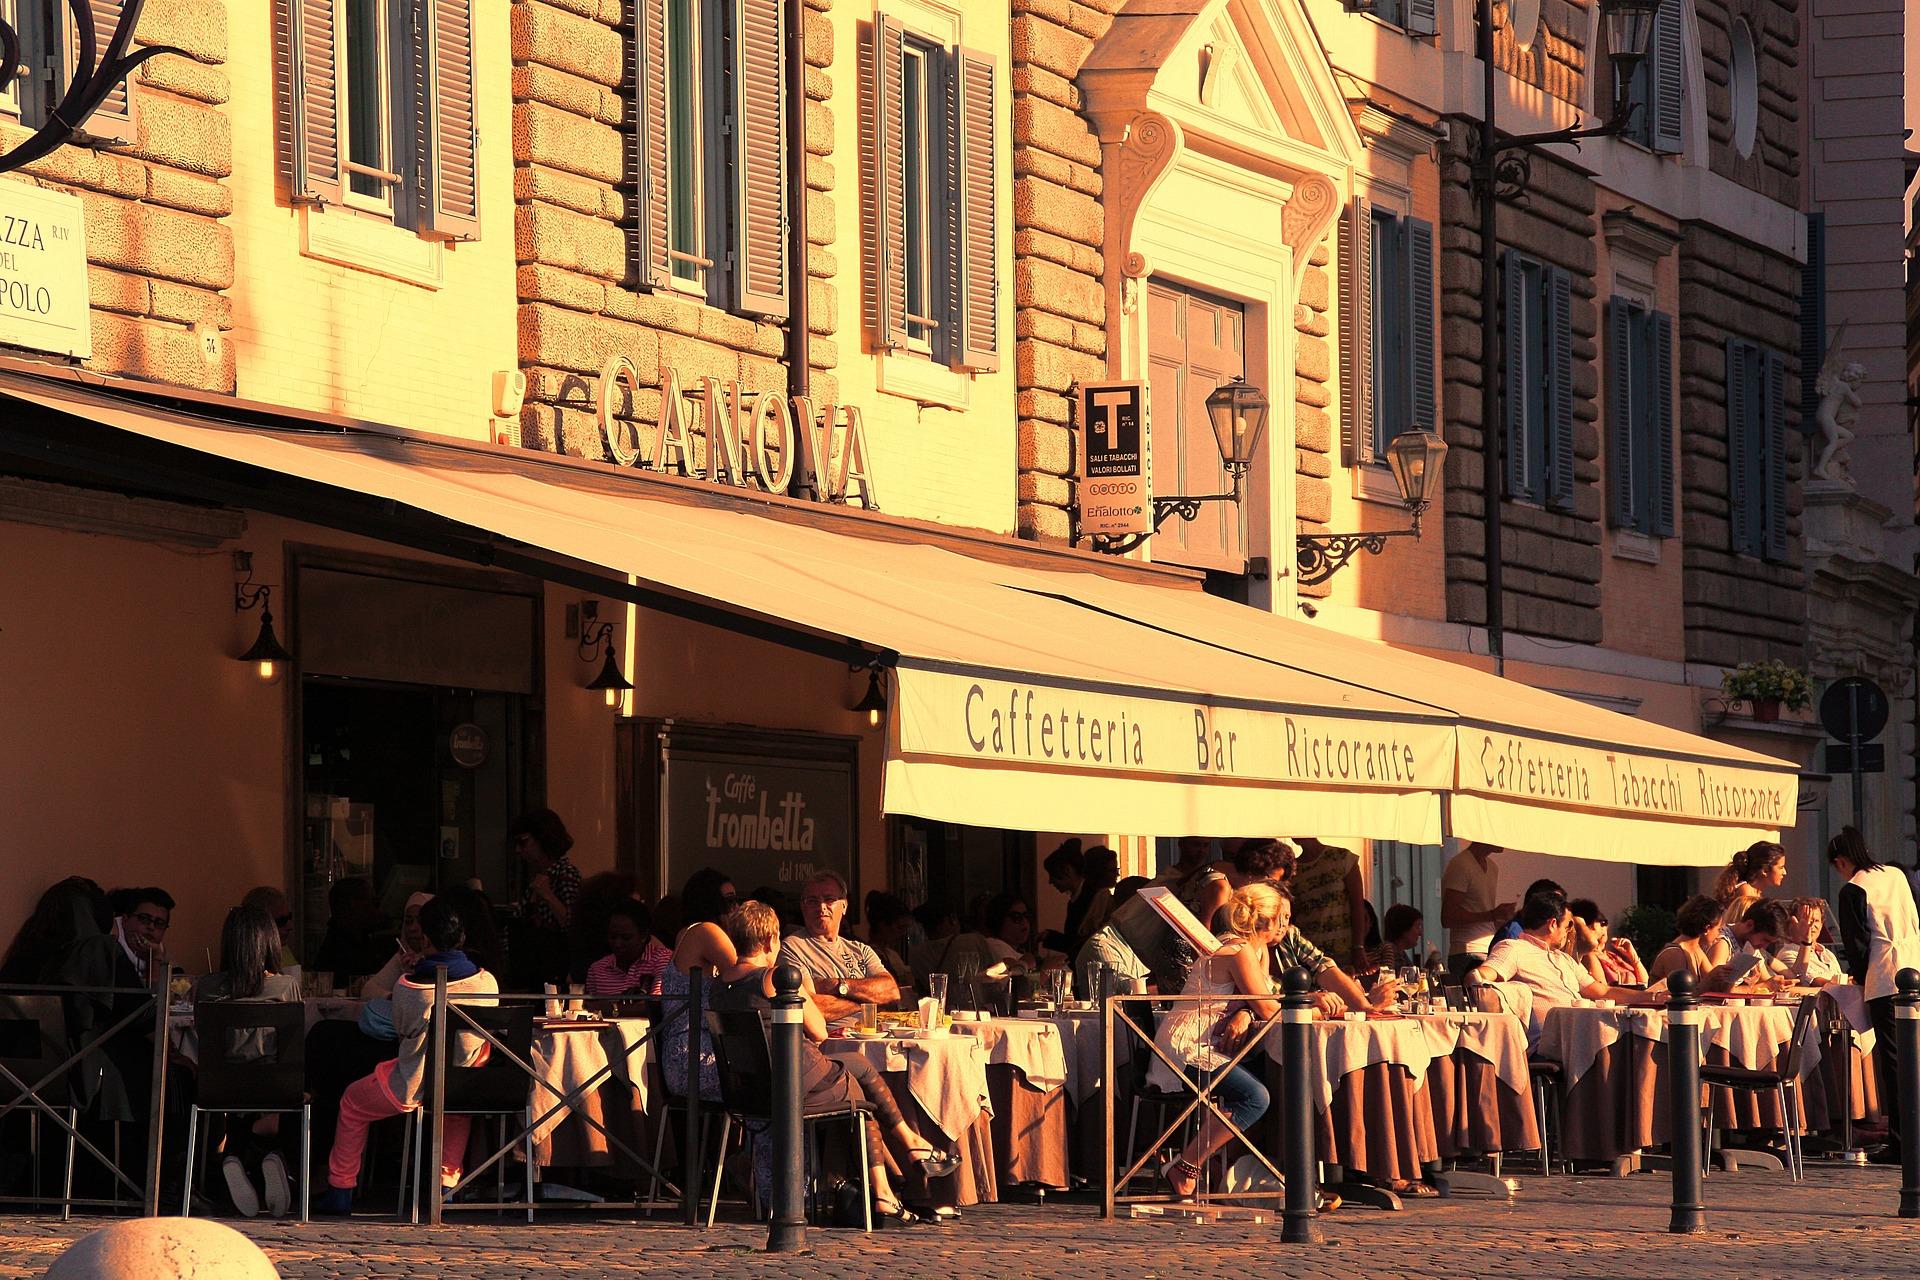 איך למשוך לקוחות למסעדה? איך לגרום ליותר לקוחות להגיע למסעדה? קבלו 9 שיטות לגרום ללקוחות לבחור בכם בכל פעם